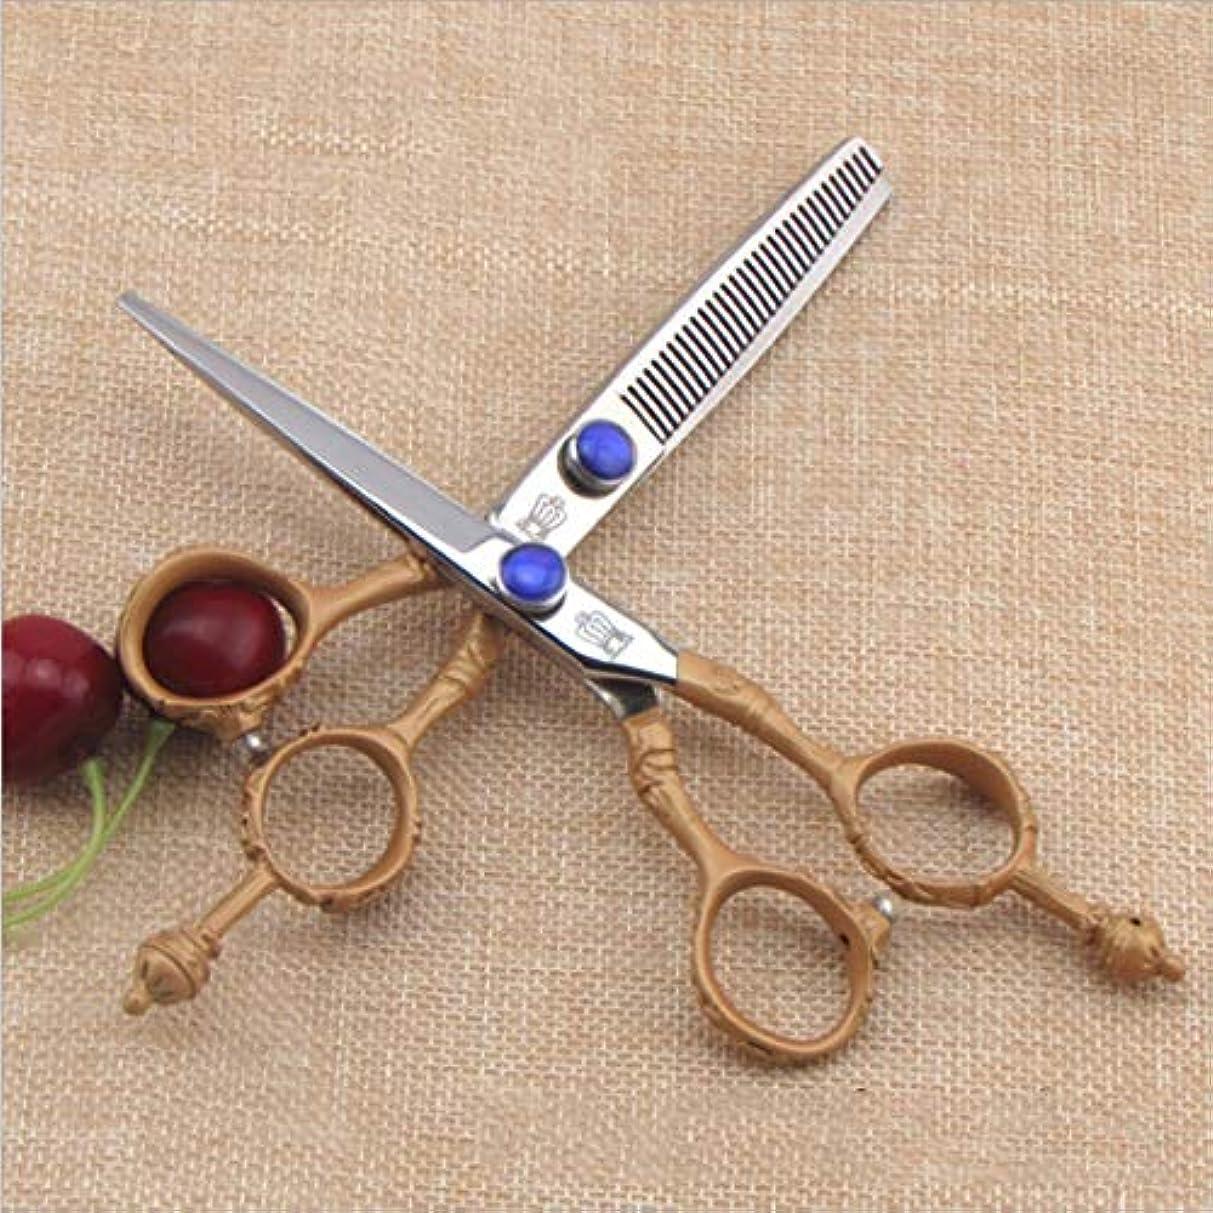 バンガロー持つスケッチハイエンド理髪はさみ - 髪を薄くするはさみキット、プロの理髪師はさみ モデリングツール (Design : B)